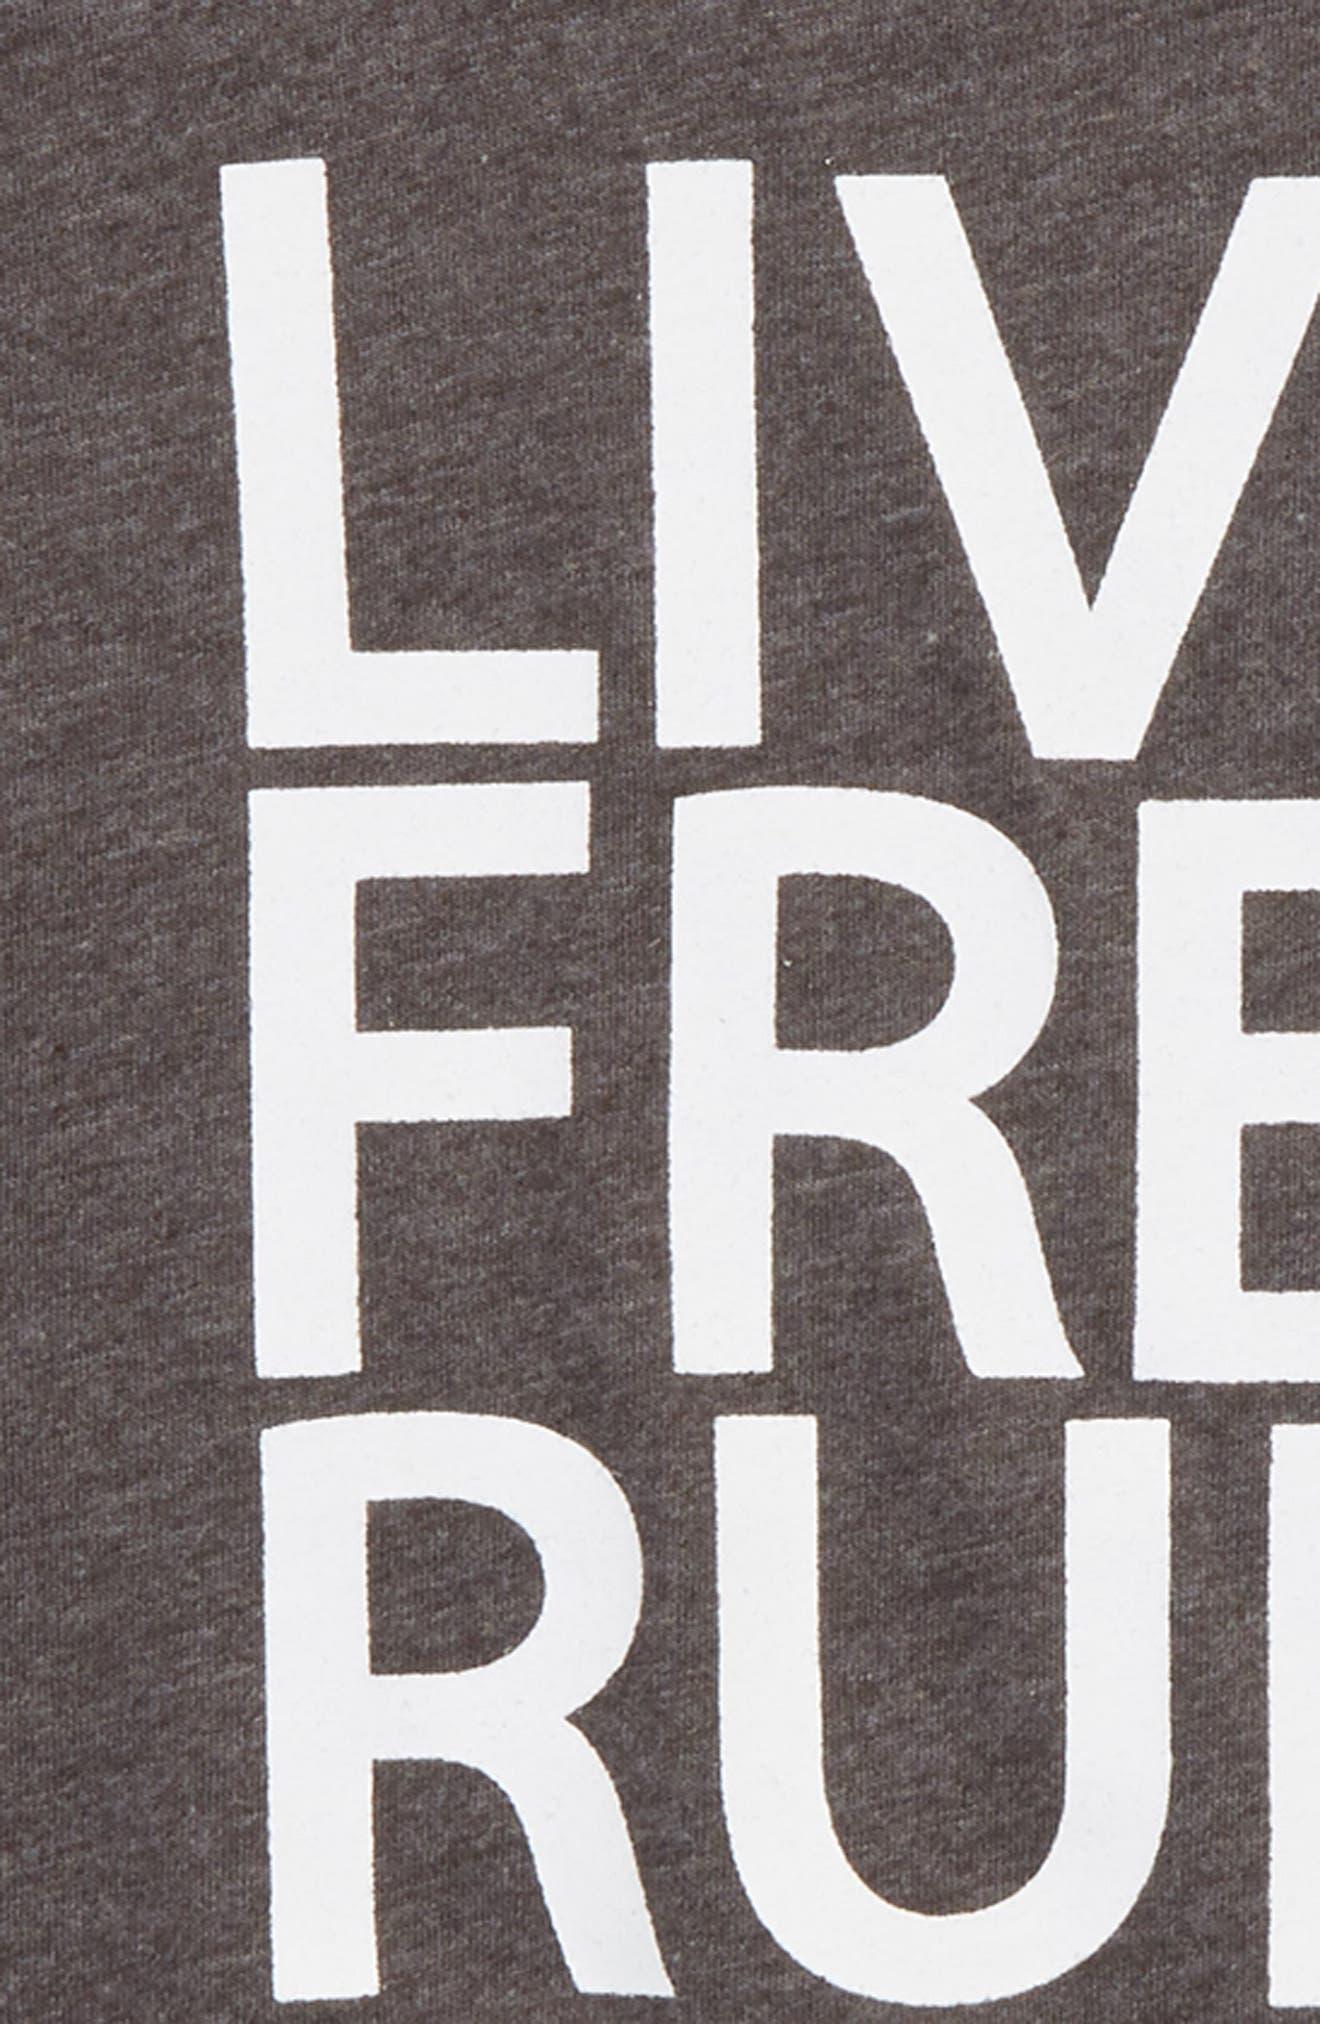 Live Free Run Free T-Shirt,                             Alternate thumbnail 2, color,                             020